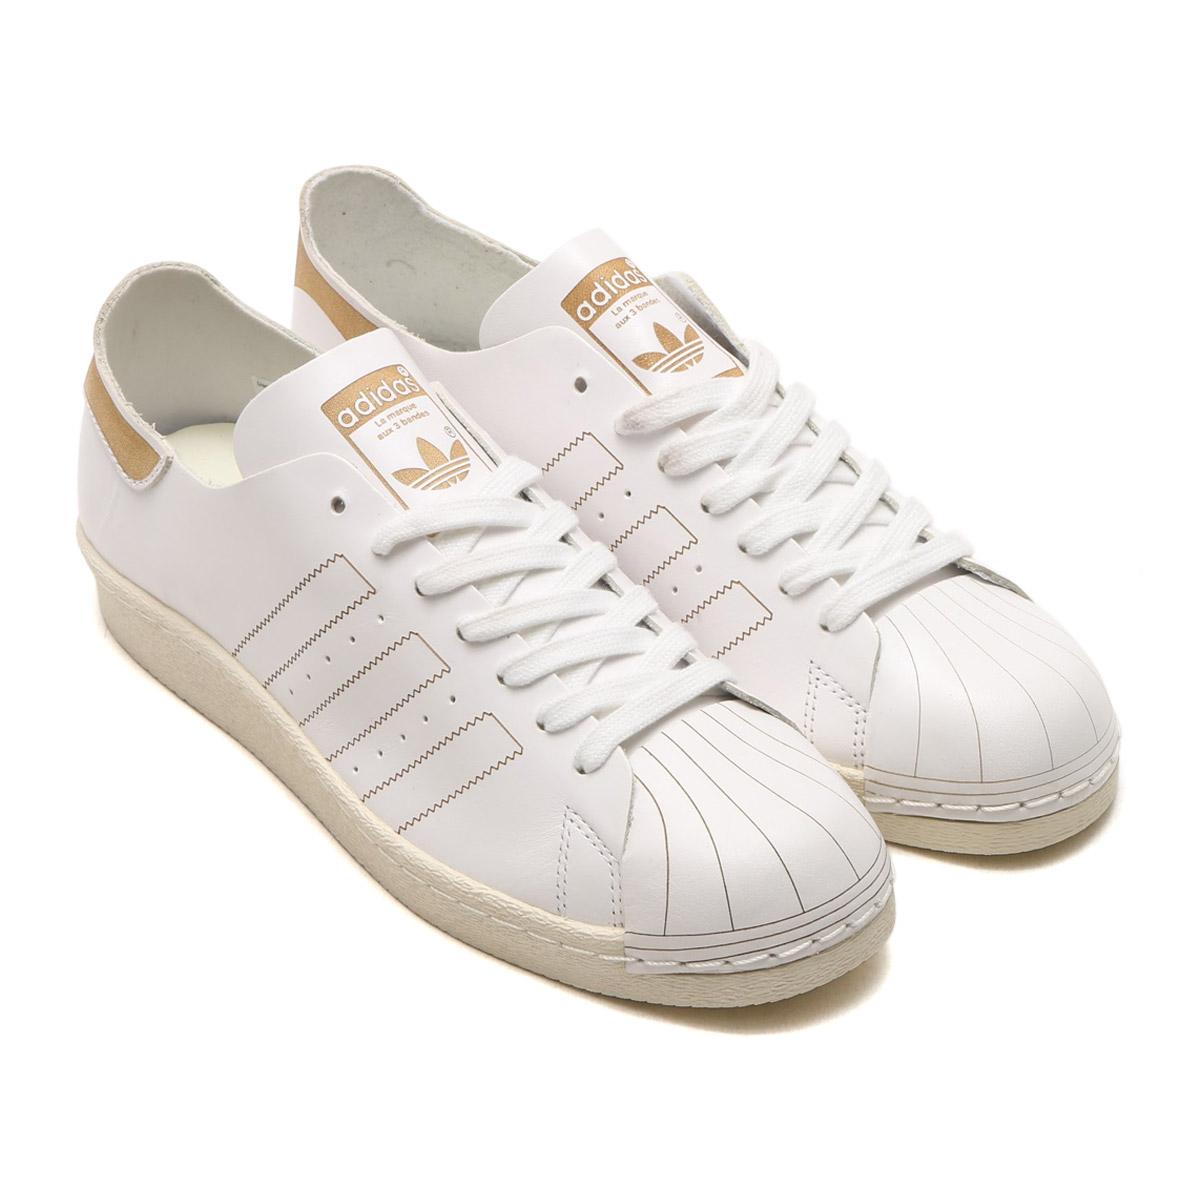 online retailer 86cee dd8b7 adidas Originals SUPERSTAR 80s DECON (Adidas originals superstar) (RUNNING  WHITE/RUNNING WHITE/VINTAGE WHITE) 17FW-S